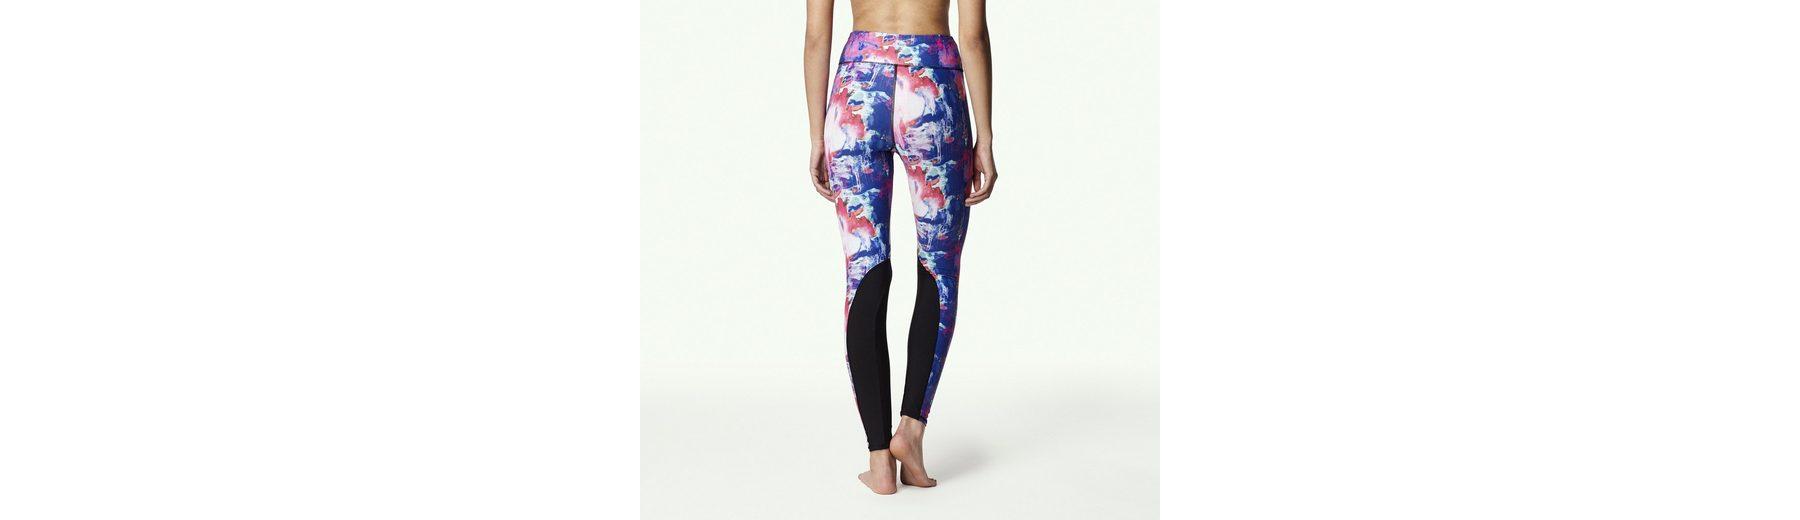 O'Neill Legging Basic print surf legging Billig Kaufen Bestellen D8TVA